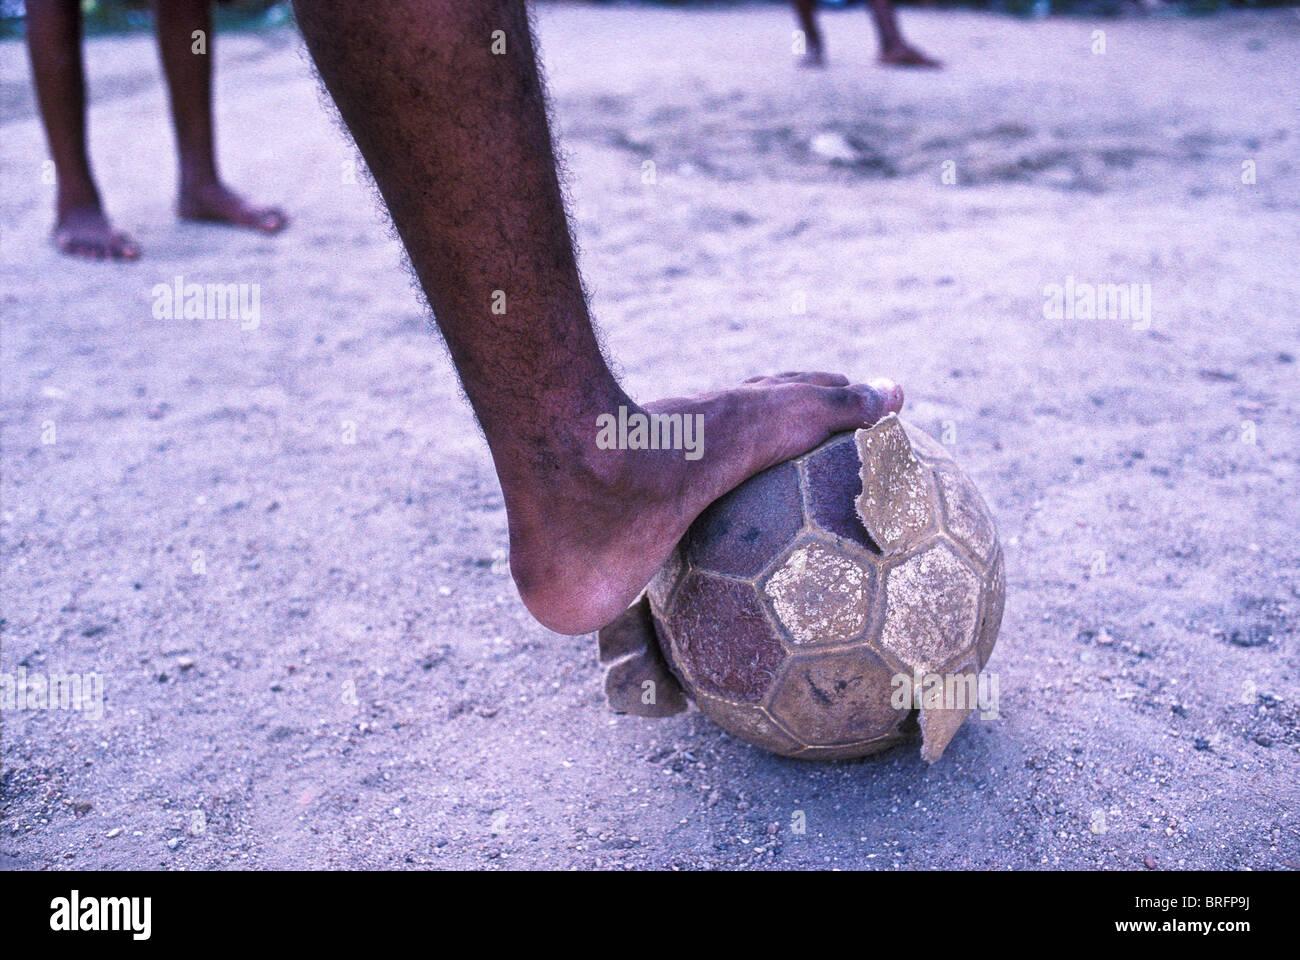 Ein zerlumpter, nackten Fußball in einer Favela von Rio De Janeiro, Brasilien. Stockfoto